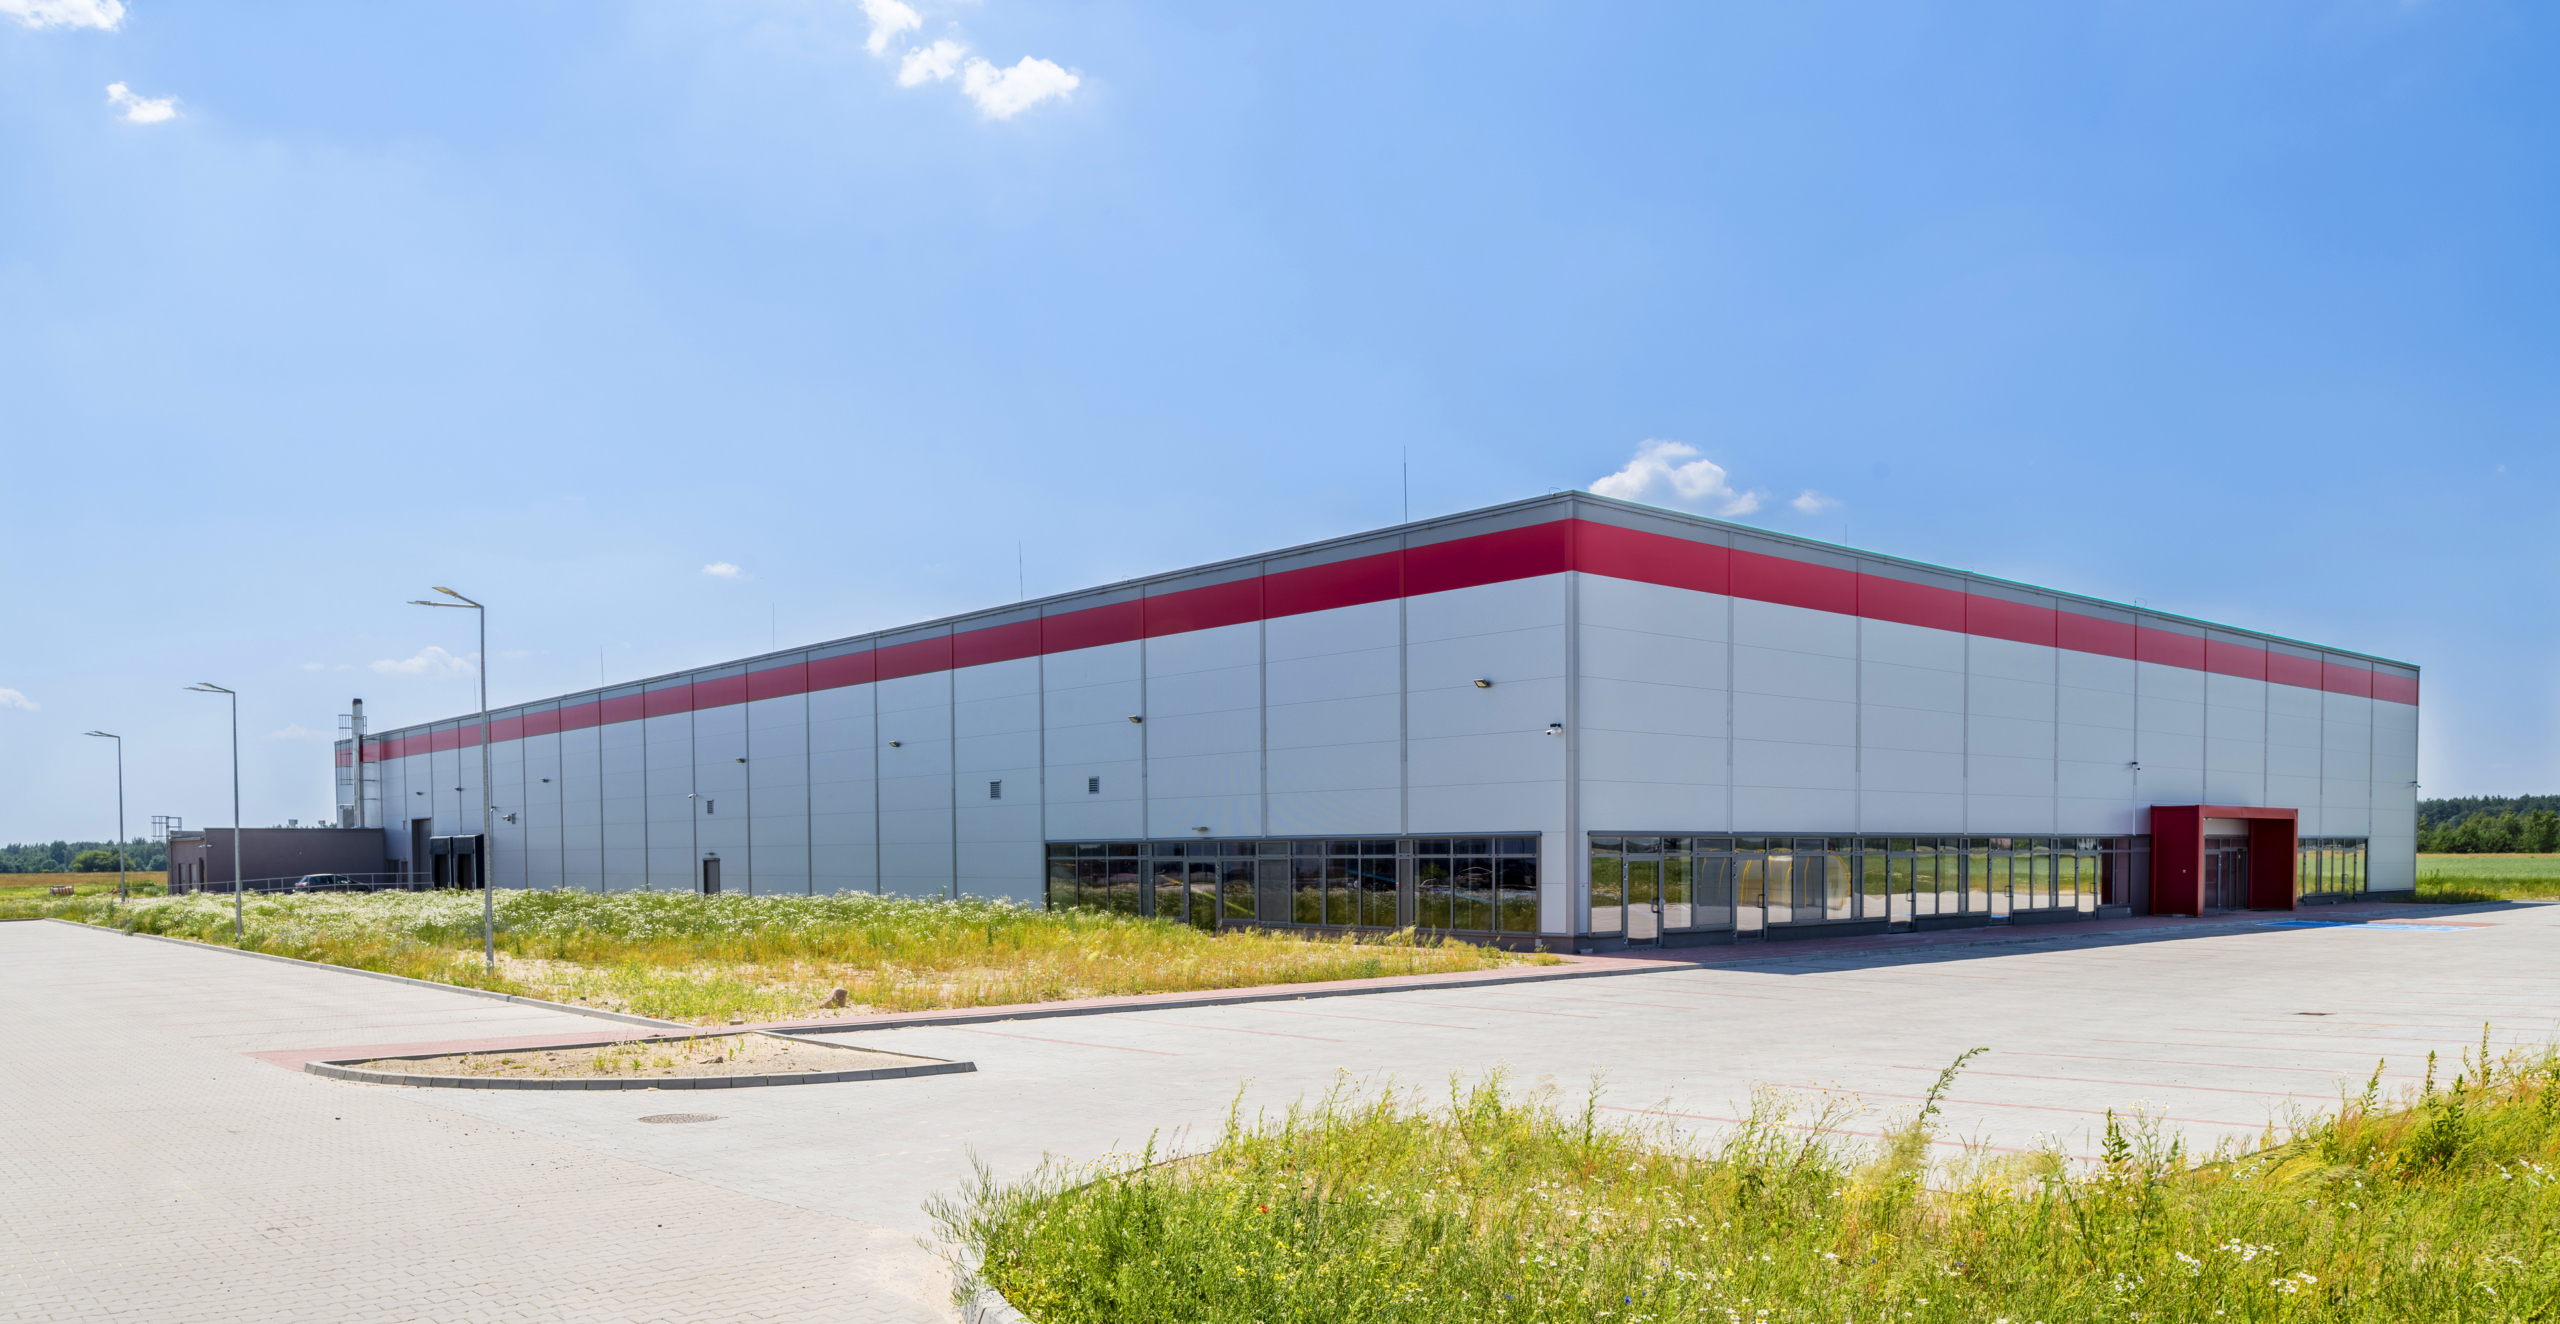 hala handlowa -realizacja dla hurtowni internetowej, CoBouw Polska